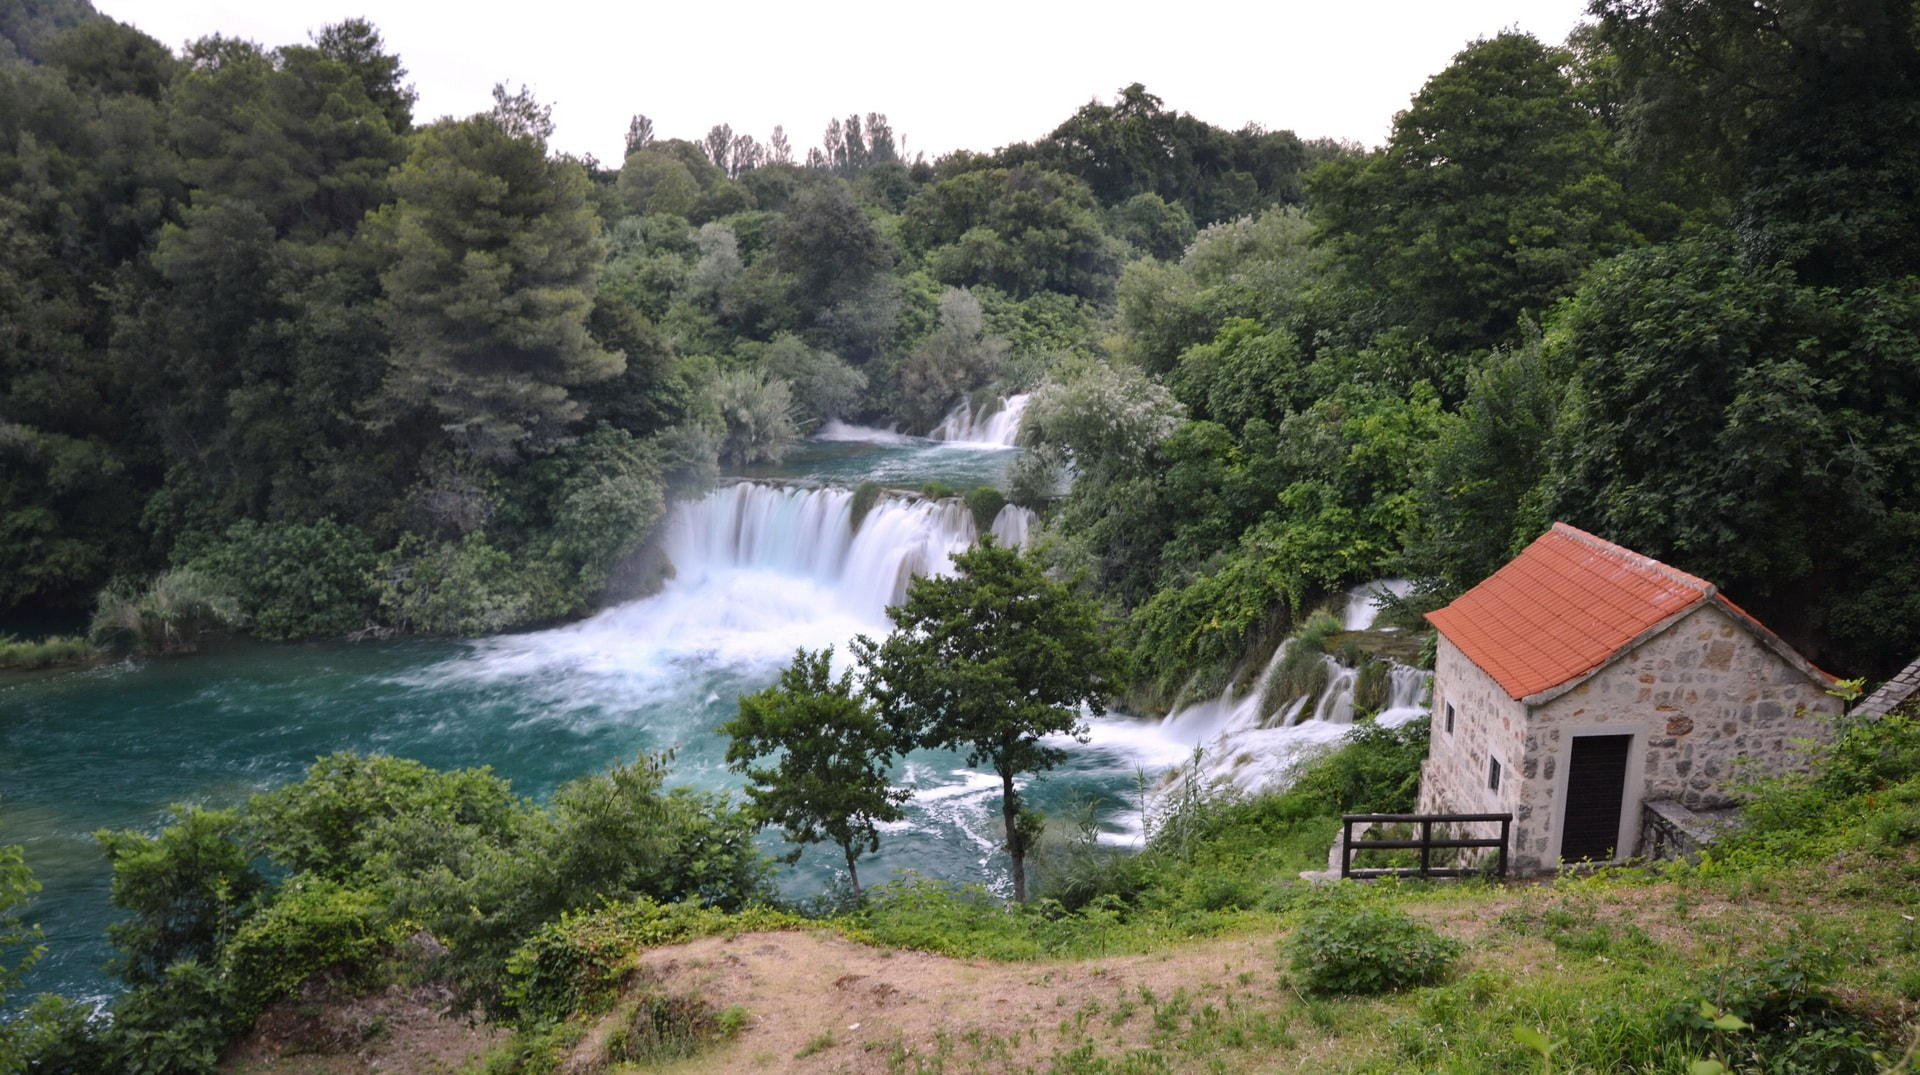 The upper part of Skradinski buk waterfall